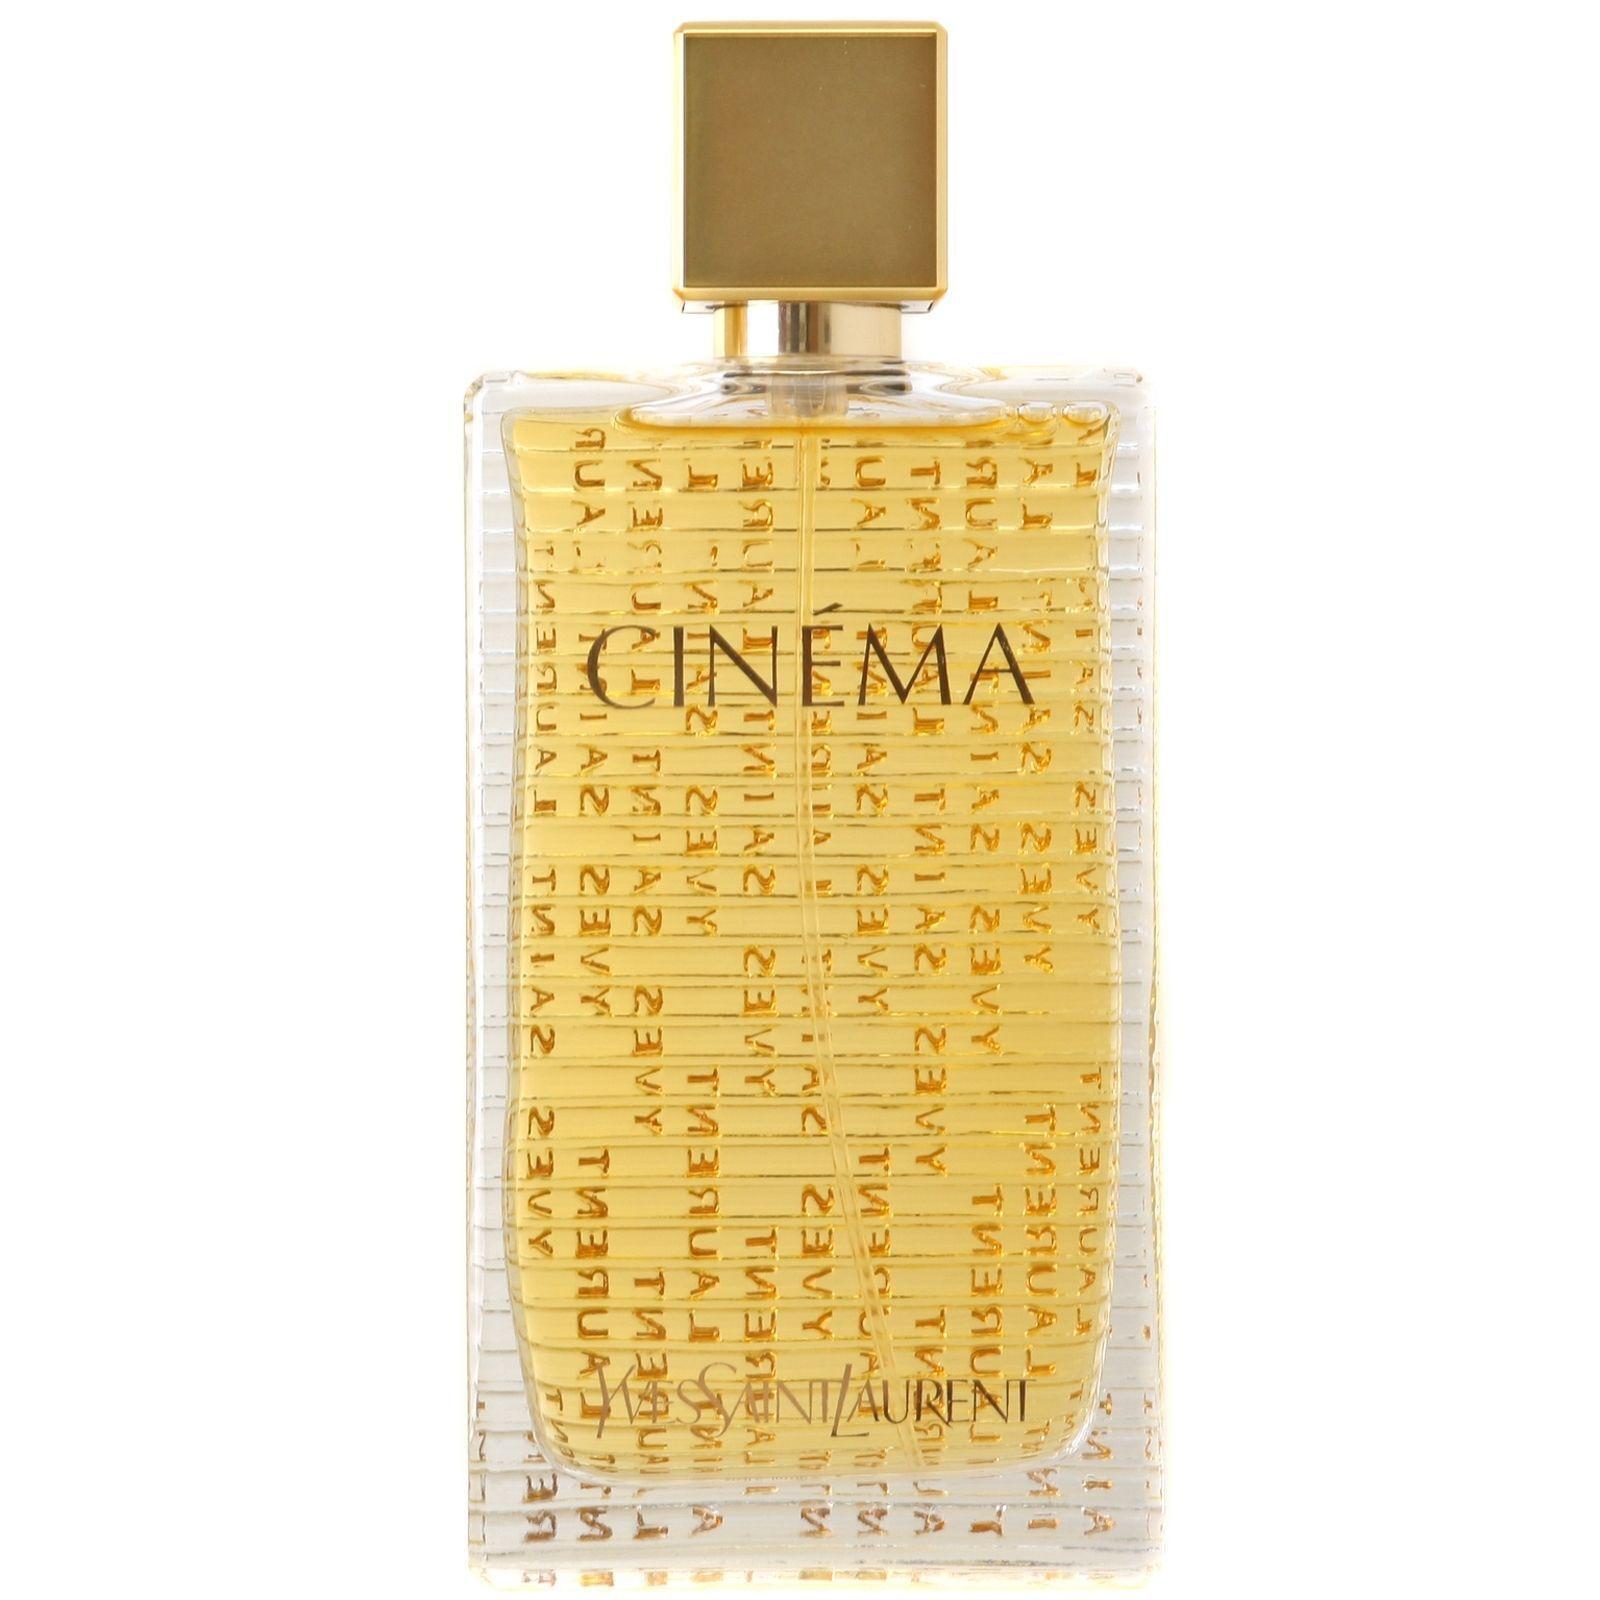 Yves Saint Laurent Cinema Eau De Parfum Spray 90ml For Sale Online